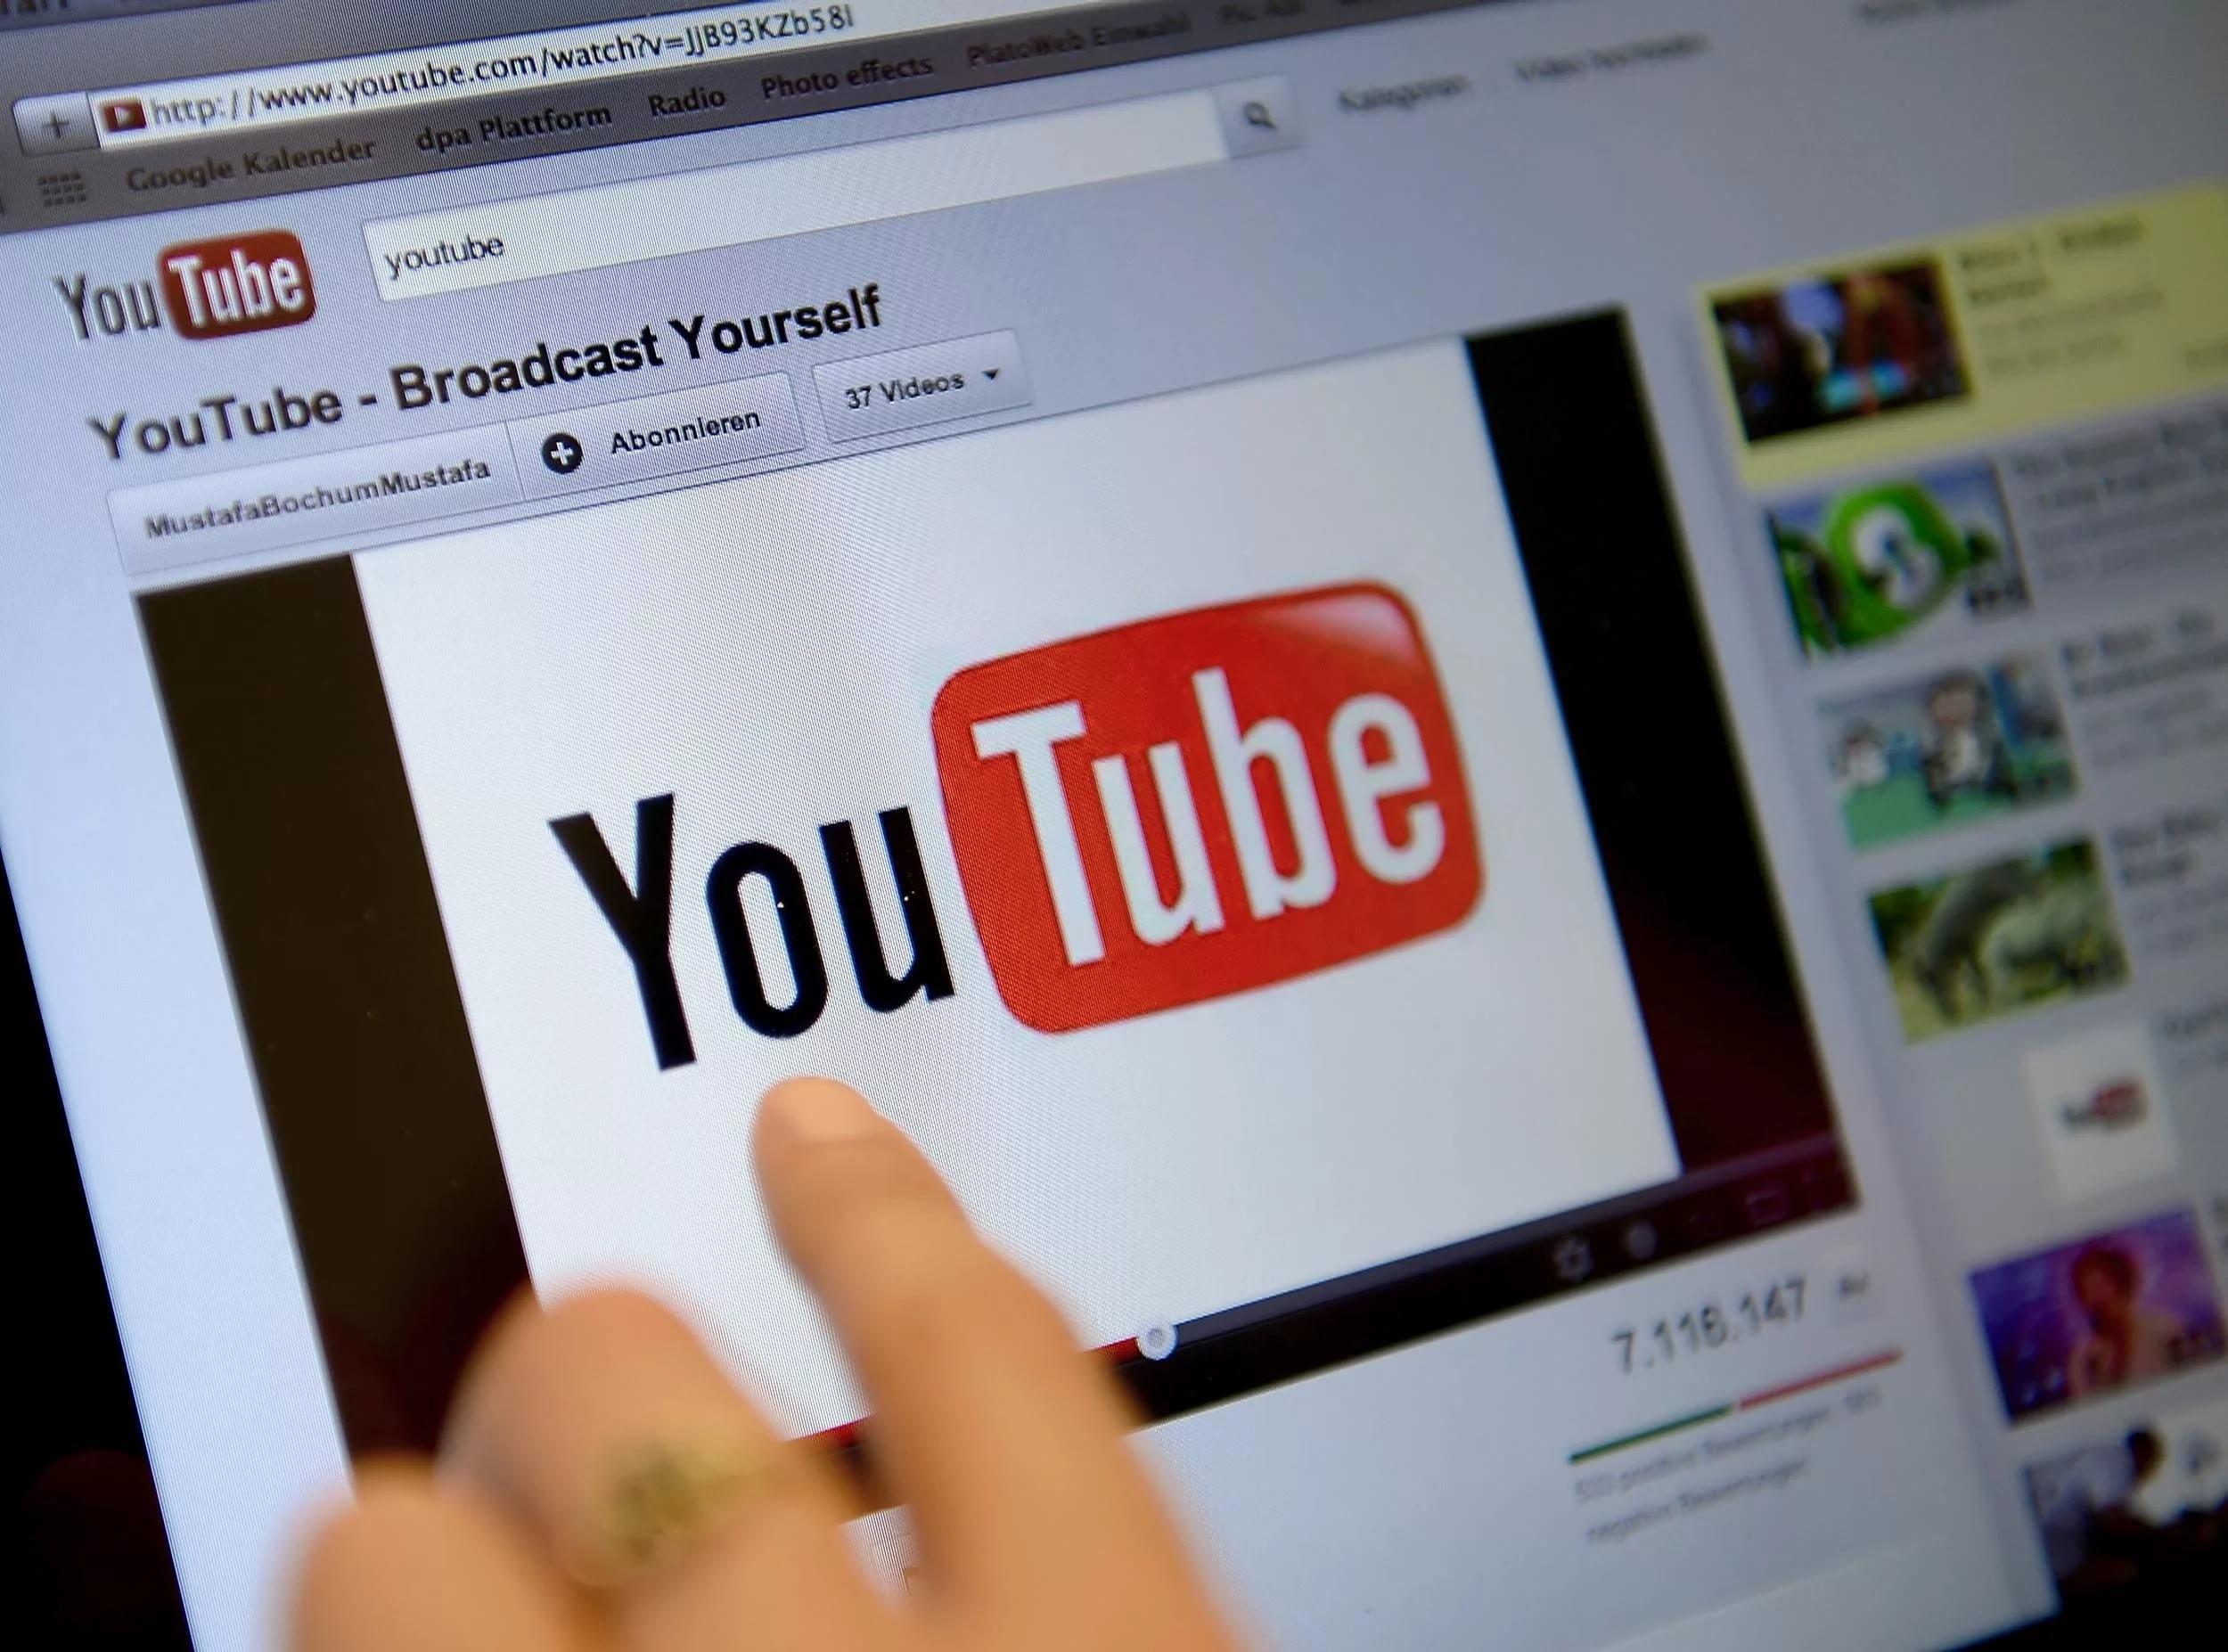 Глобальный YouTube от Создания Канала до Стабильной Прибыли Шаг за Шагом | [Infoclub.PRO]